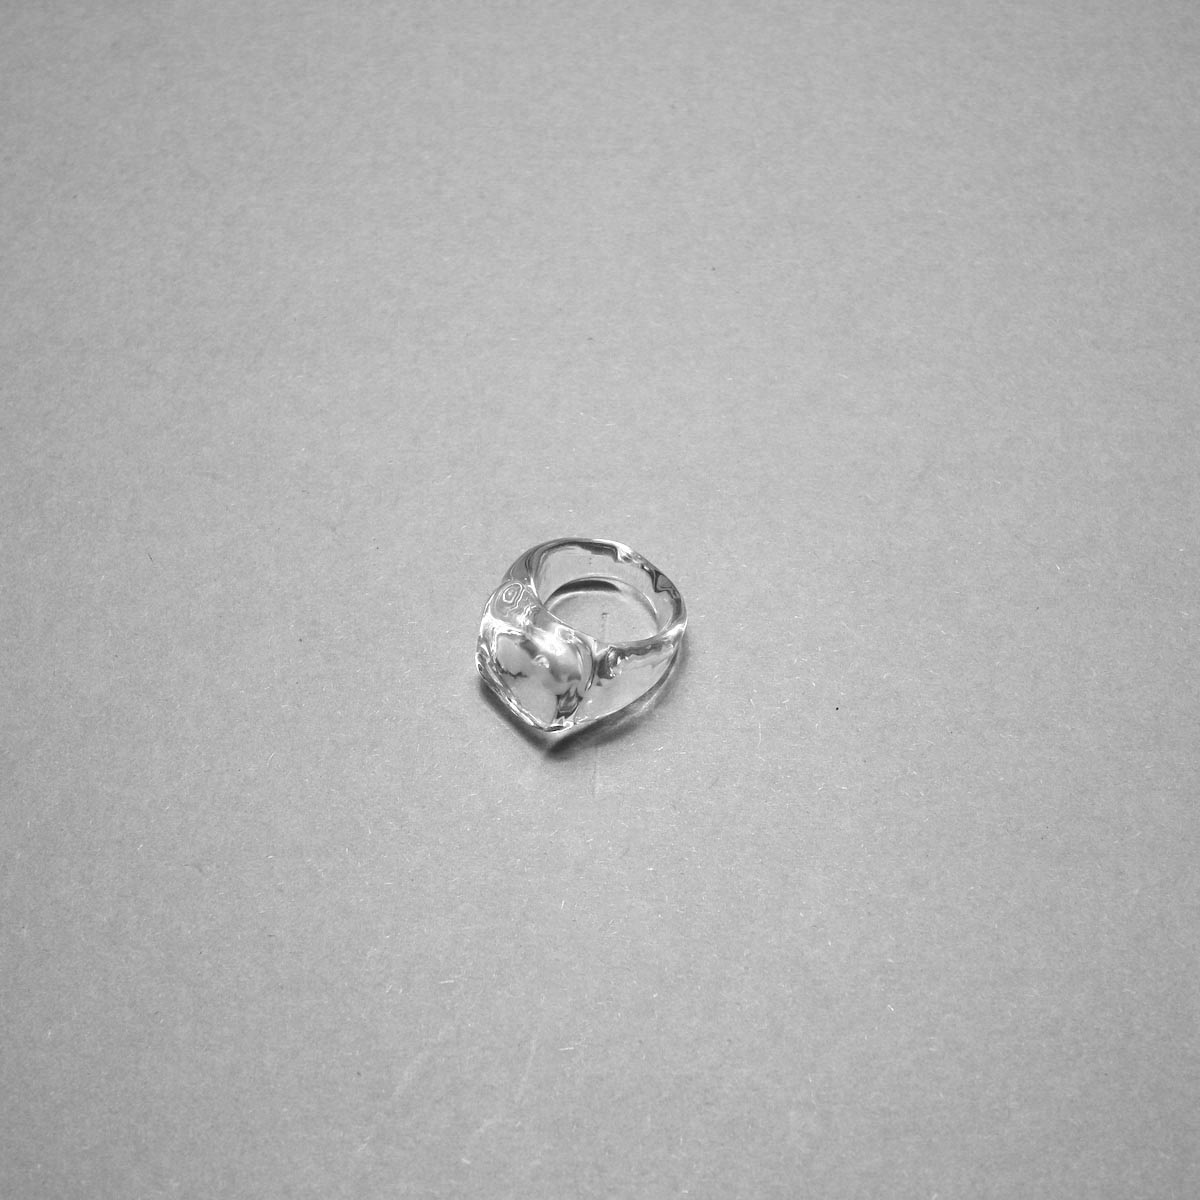 LAN / glass ring square ring